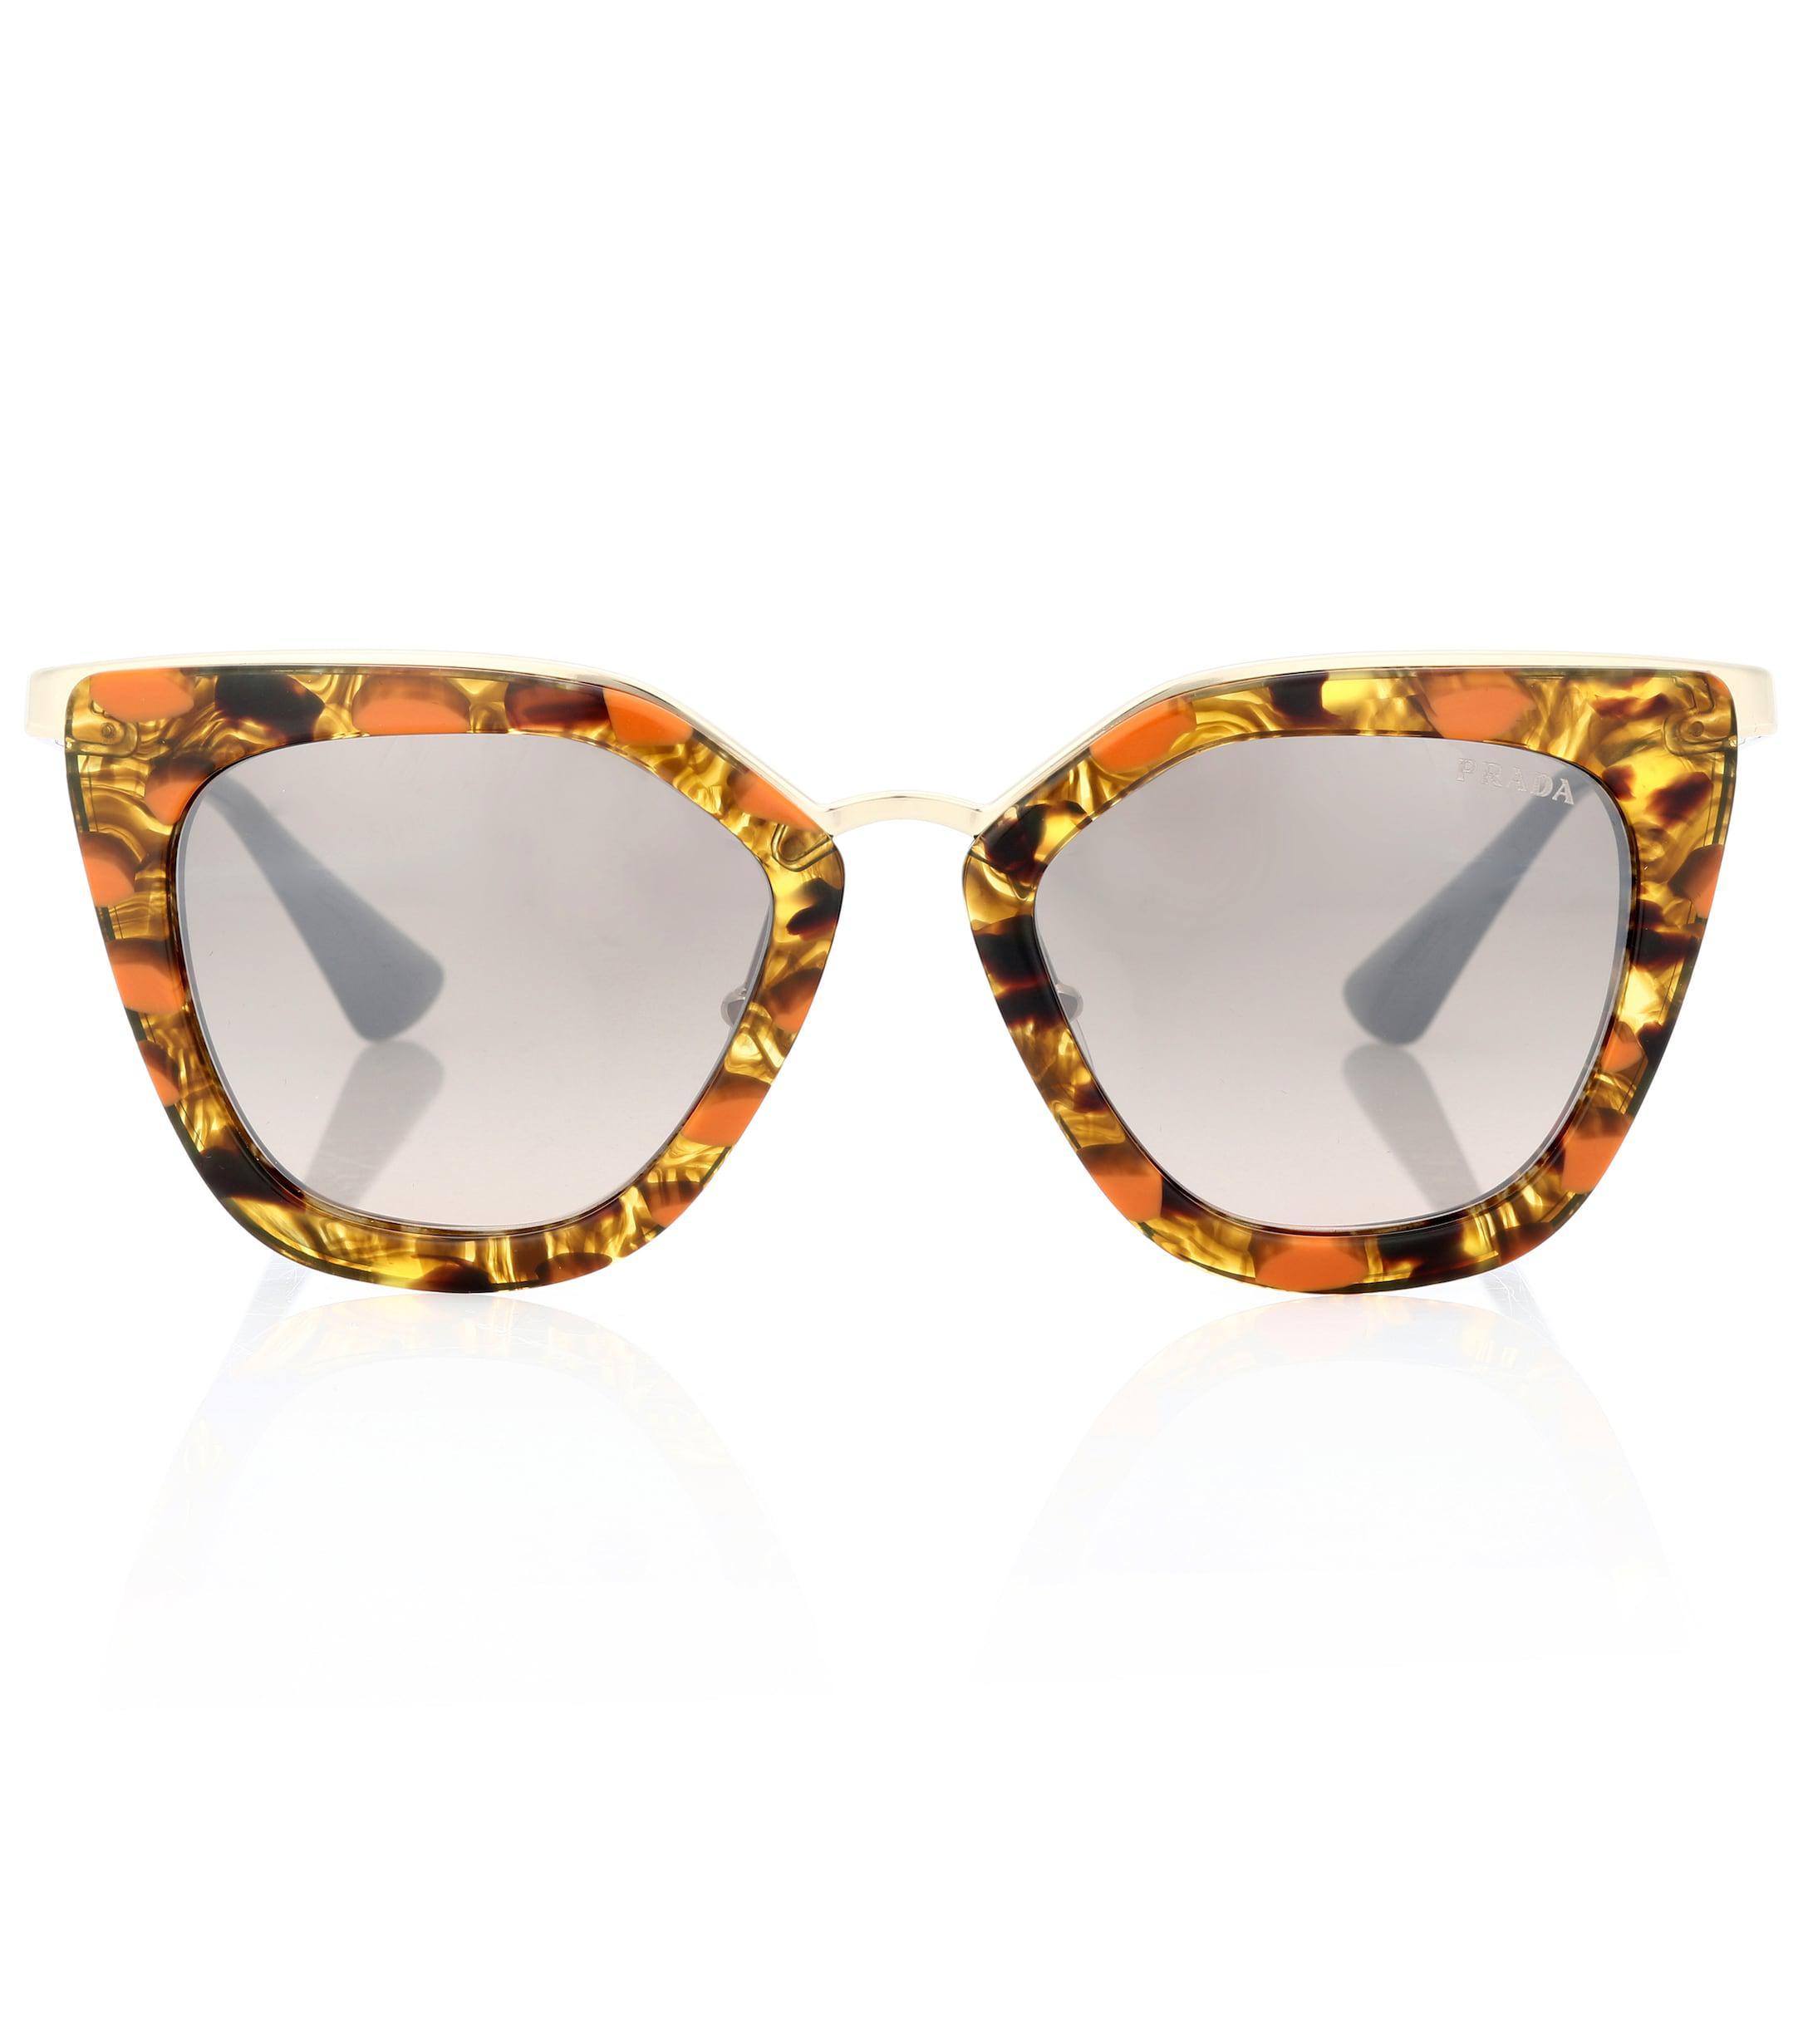 74b81641f9 Prada Cinéma Cat-eye Sunglasses in Brown - Lyst